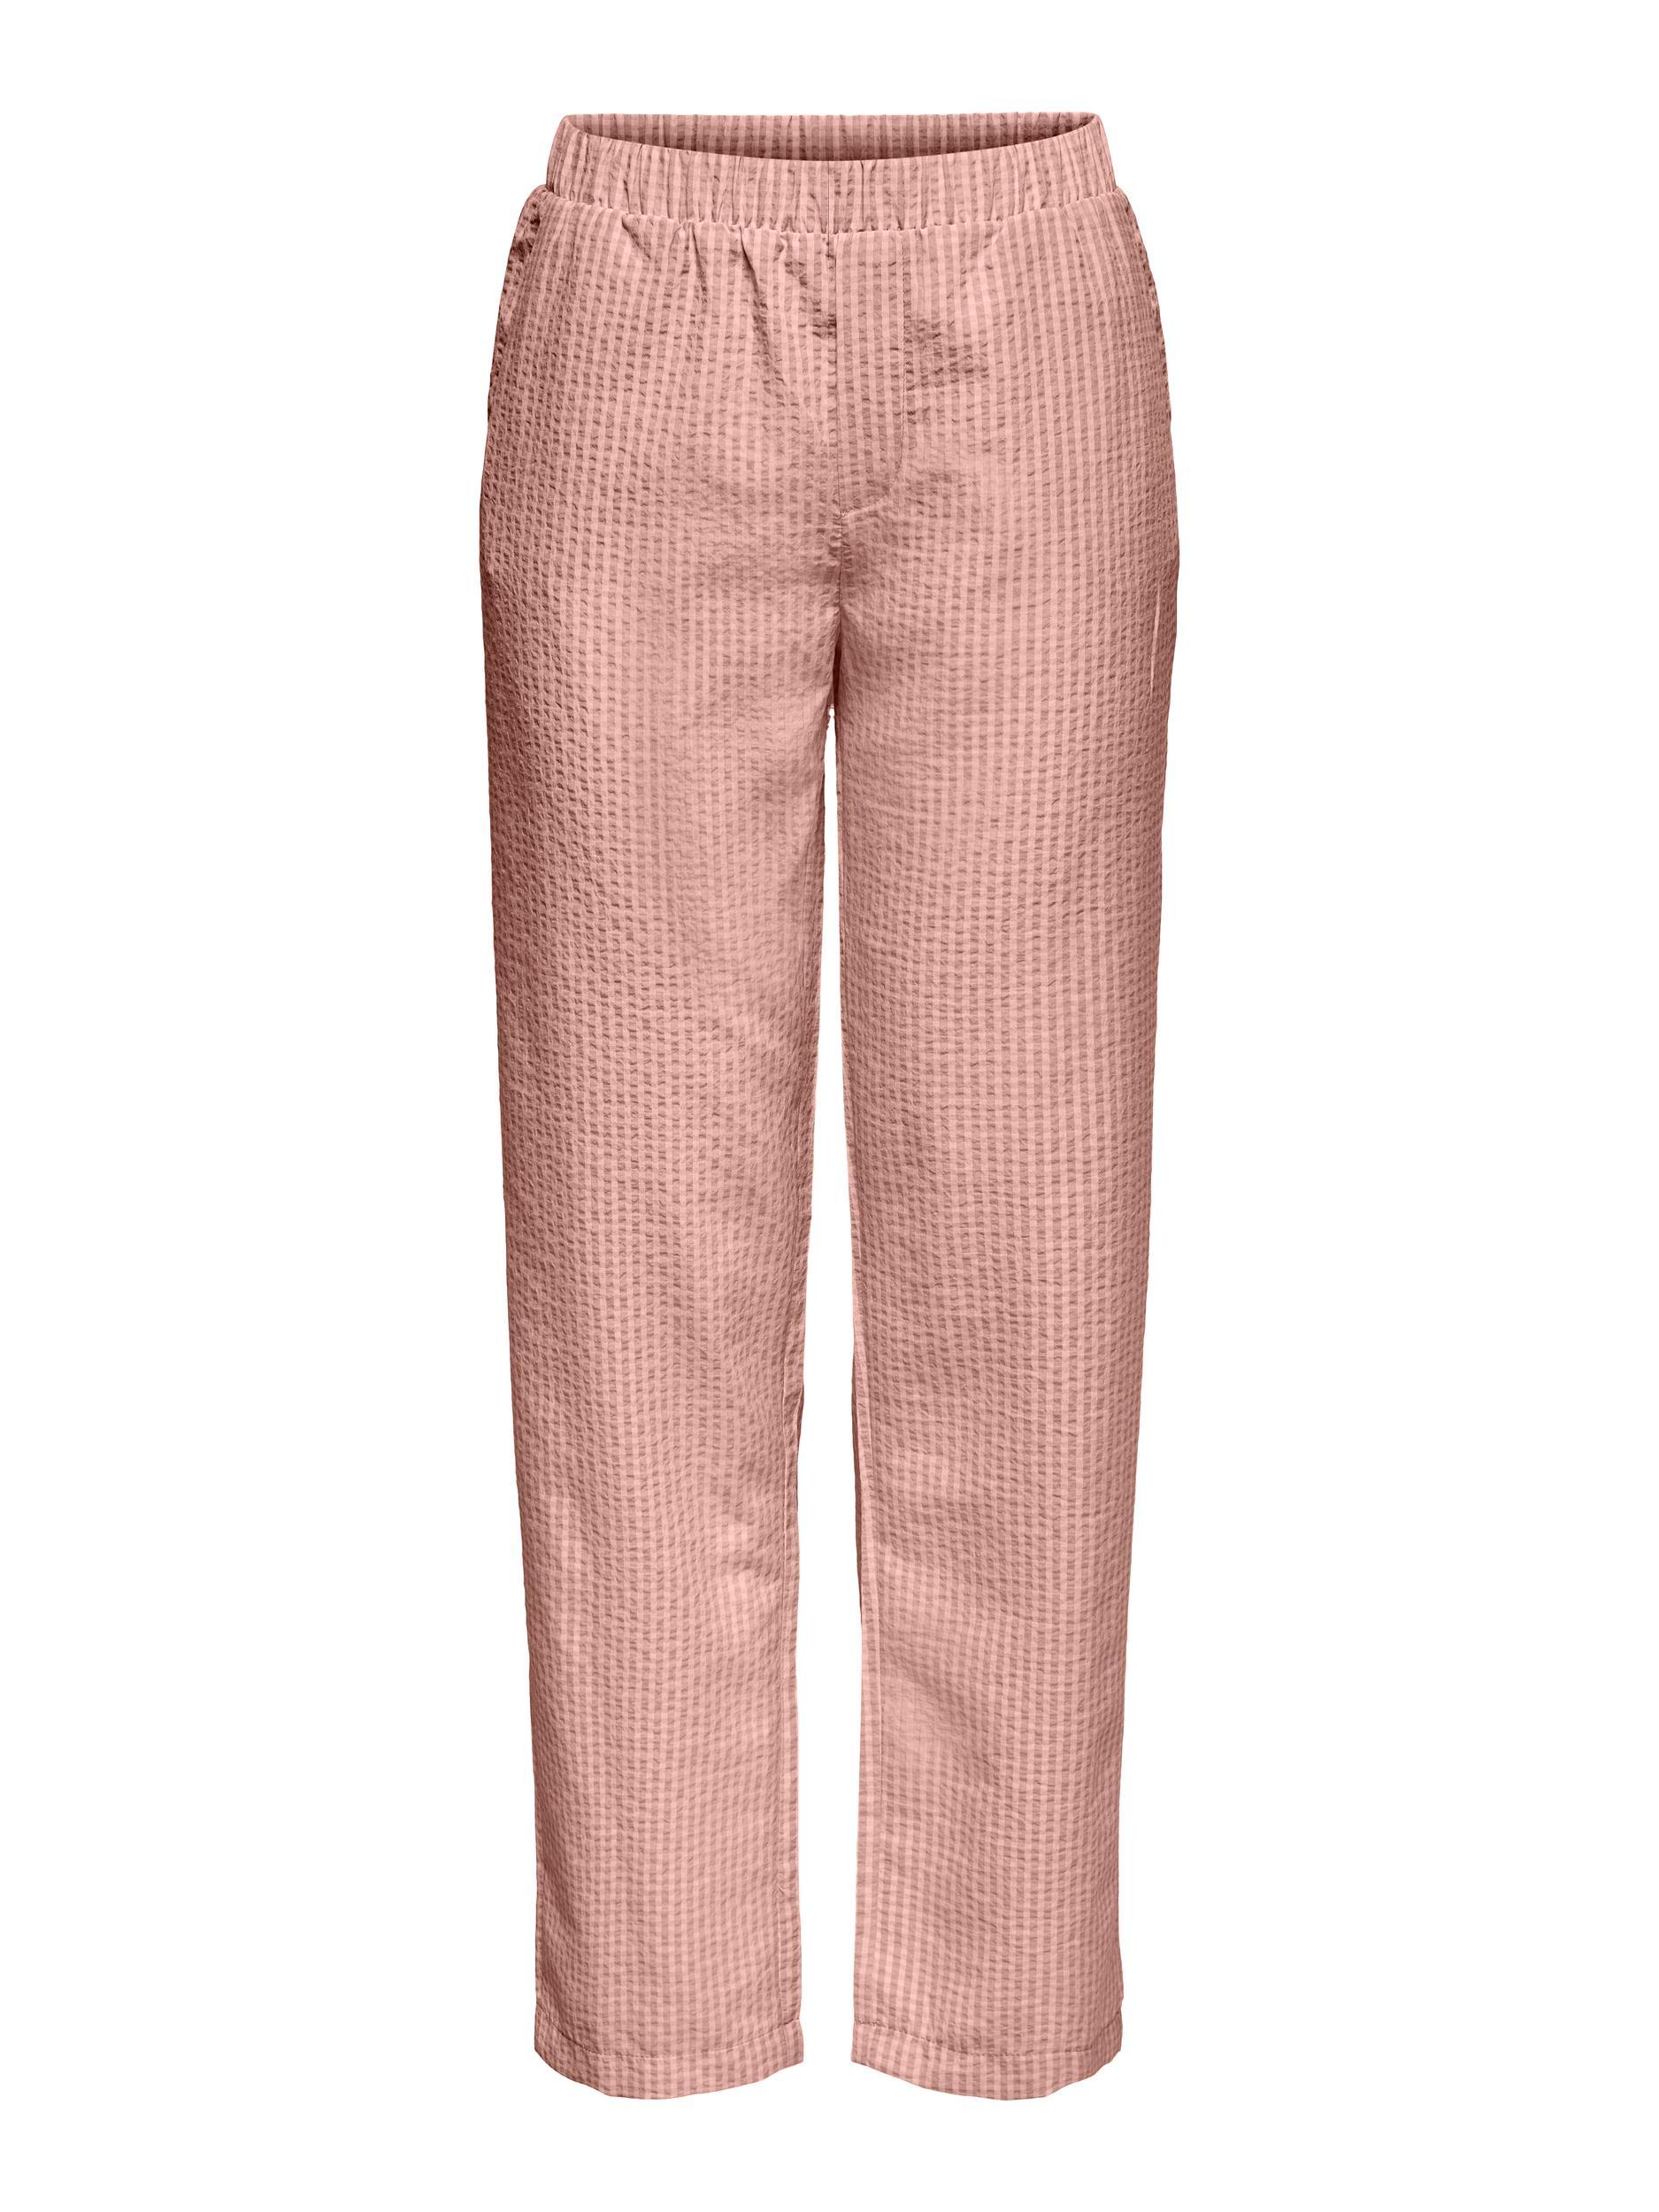 ONLY Joannah bukser